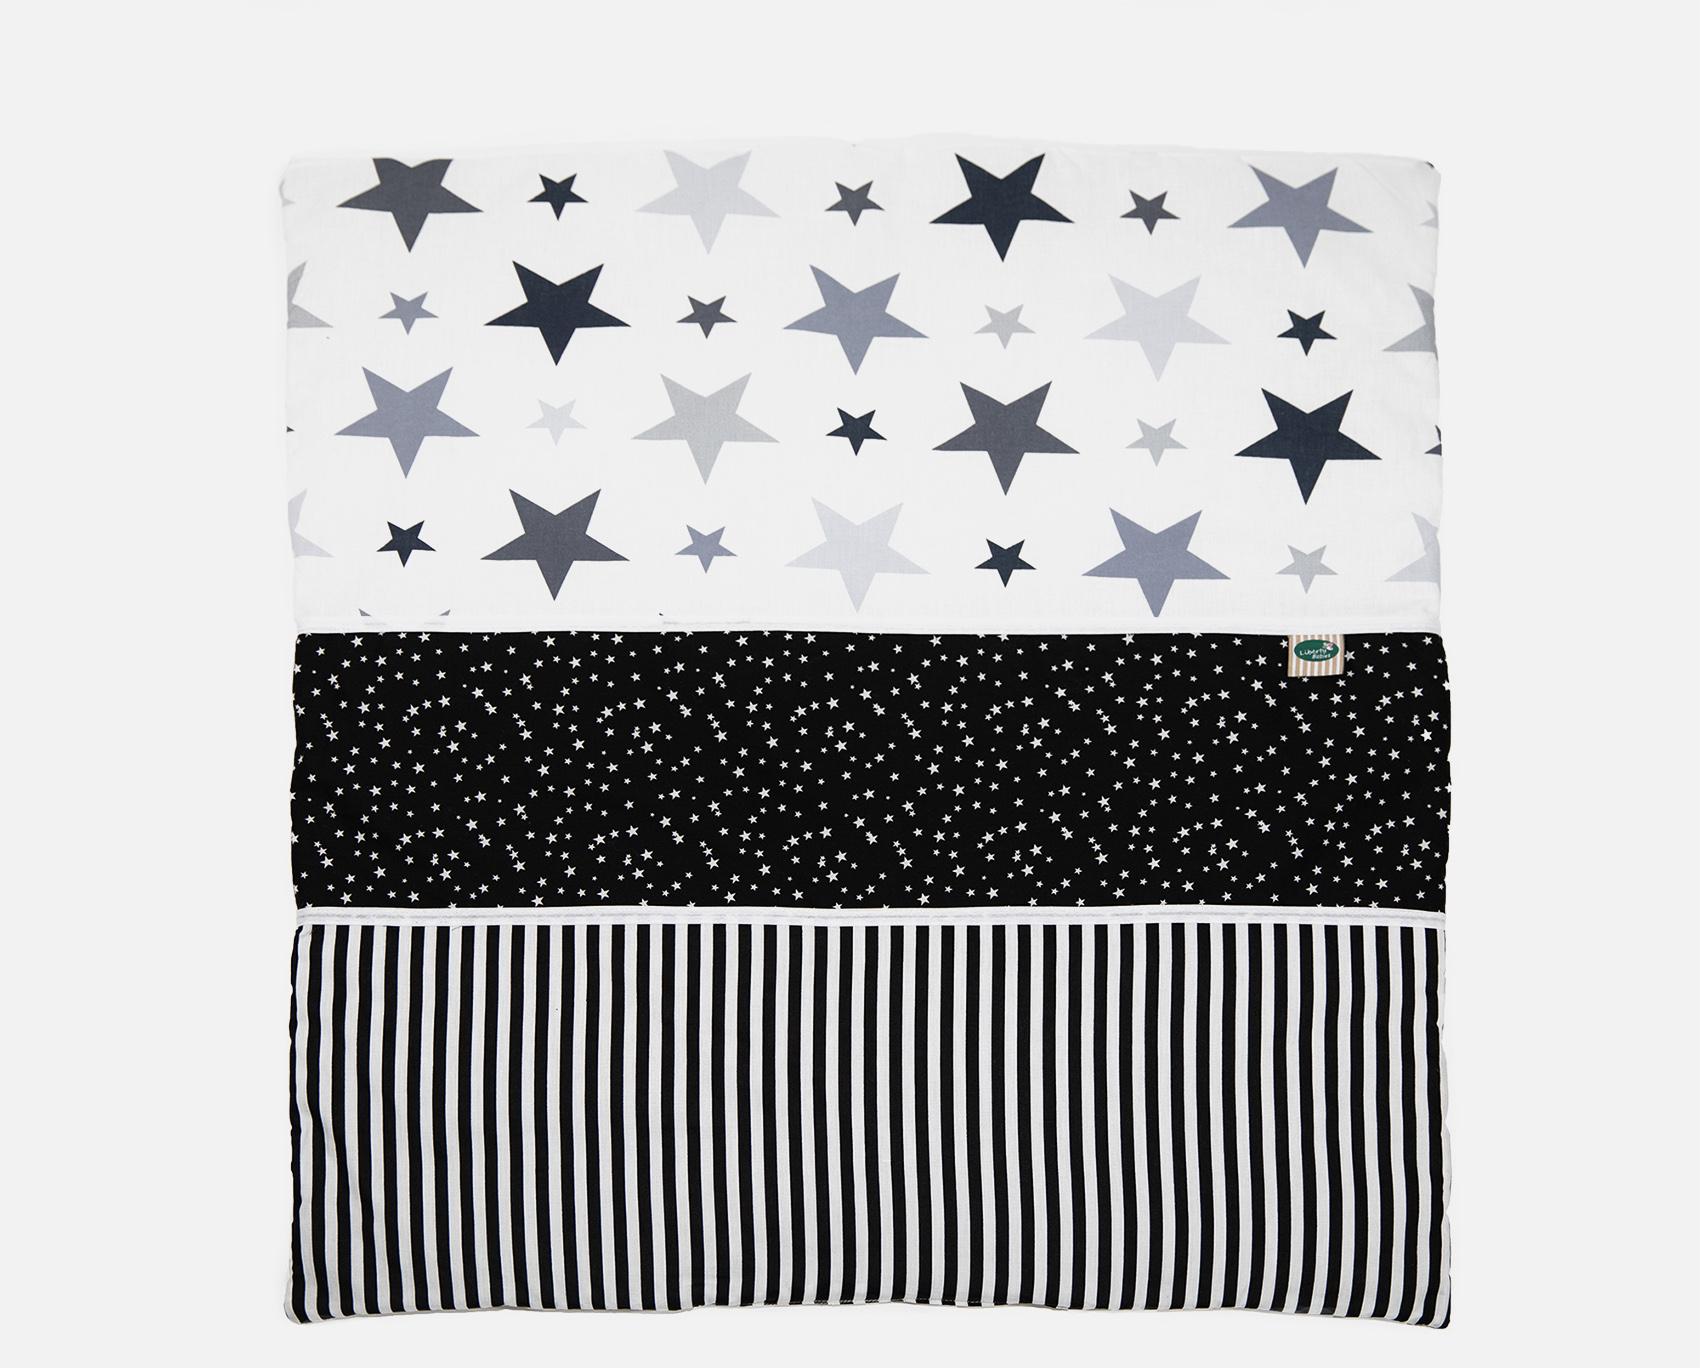 שמיכה למיטה שחור כוכבים